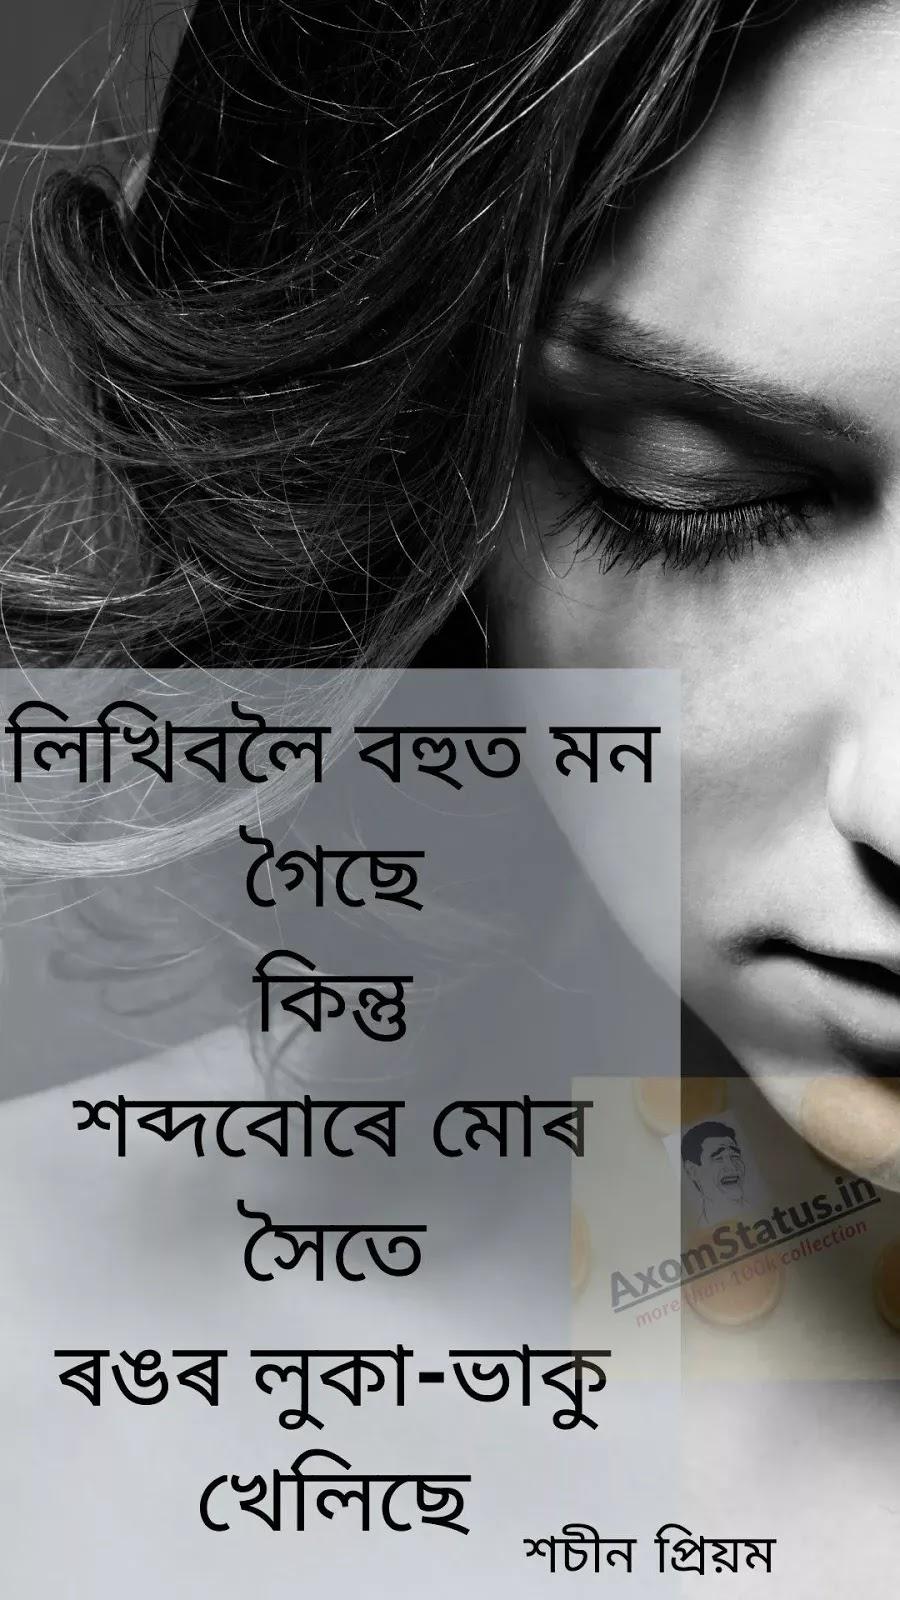 10 Best Missing You Assamese Status 2020 Assamese language